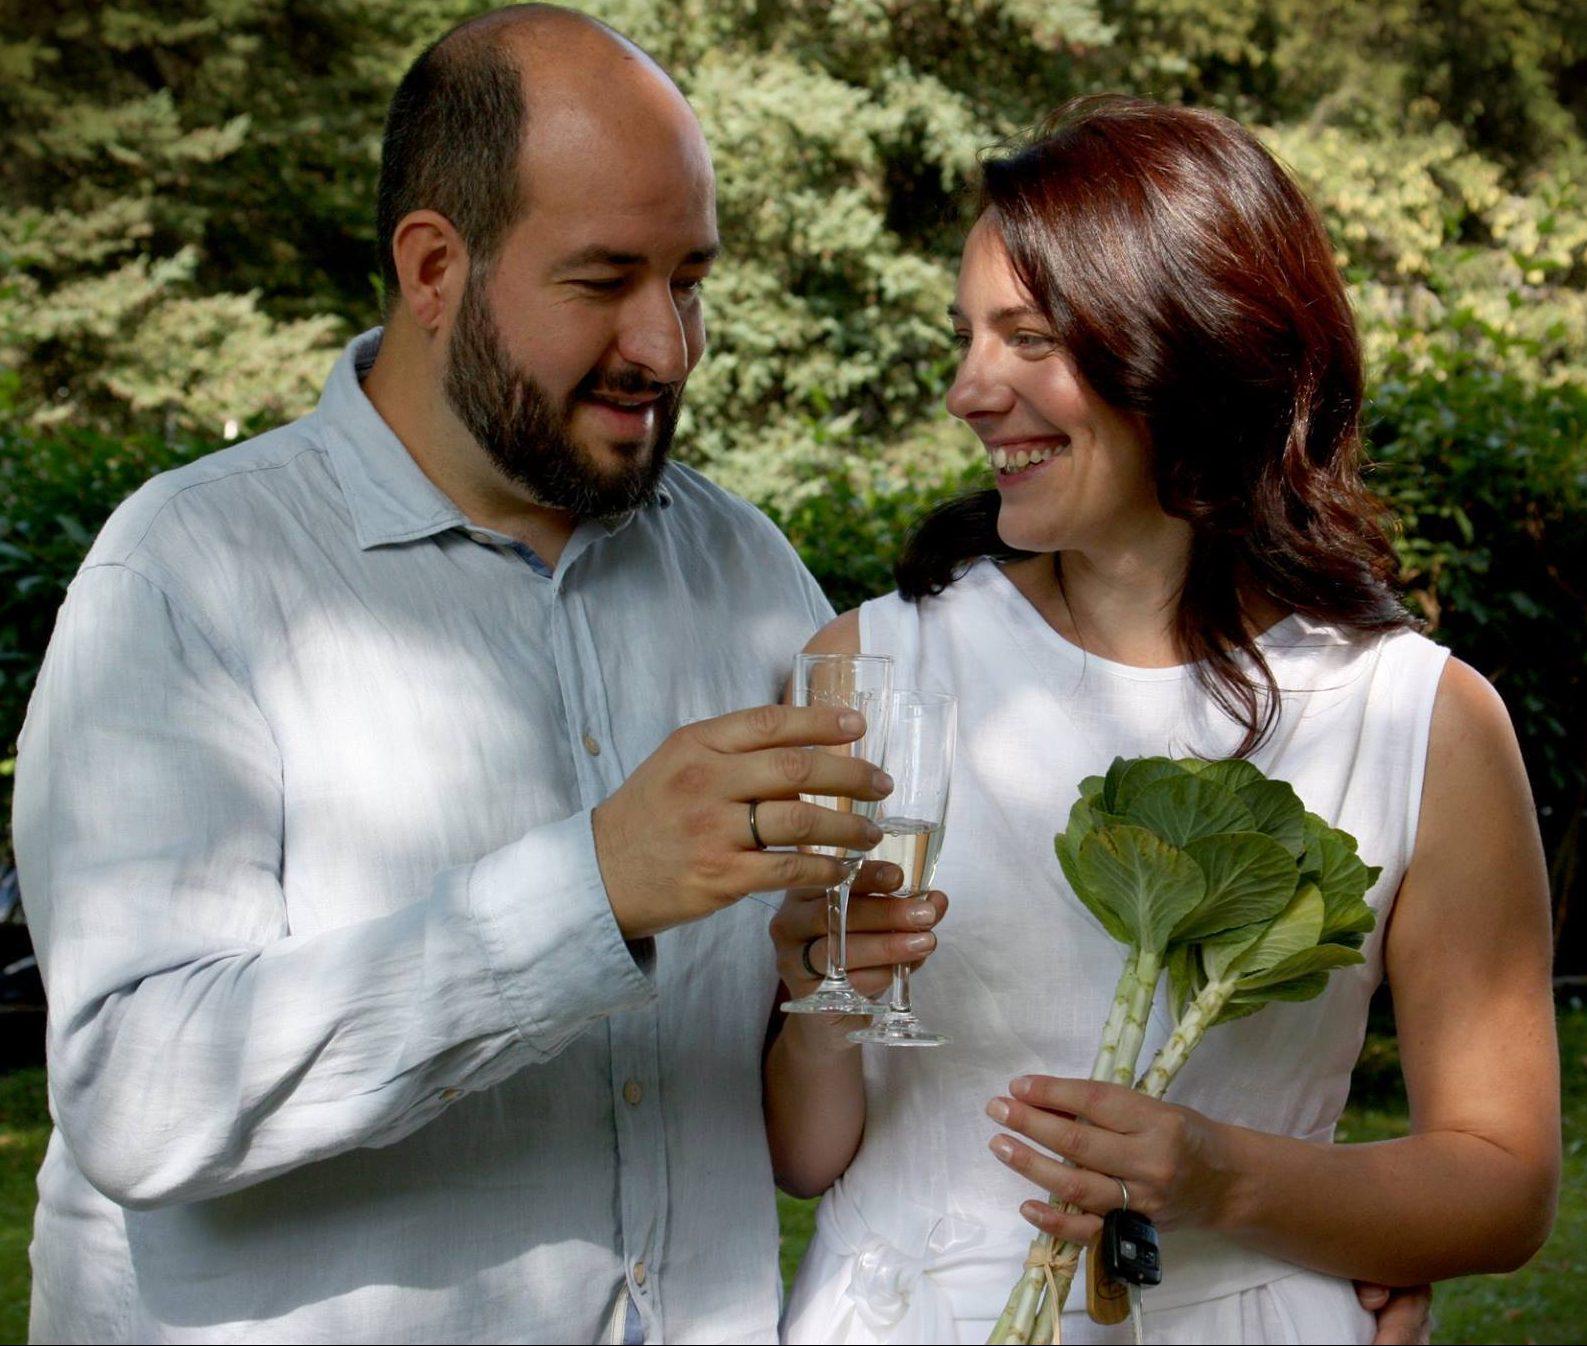 Alejandro Acuna y Norvyda Kligyte se casaron el 30 de Agosto, 2017, en Vilnius, Lithuania.